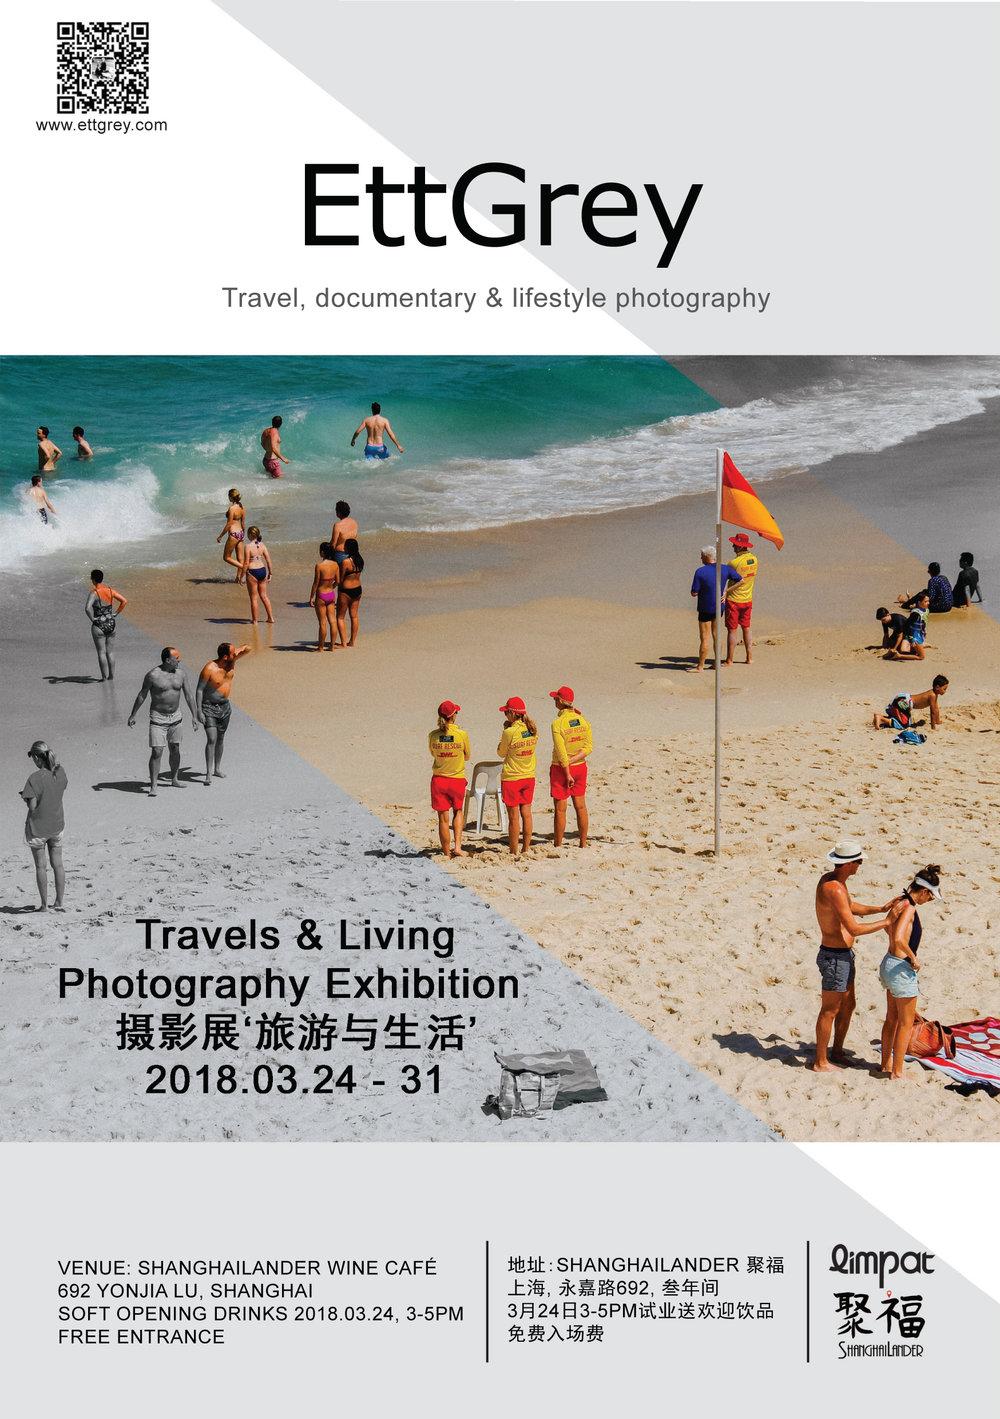 Ettgrey flyer-1.jpg